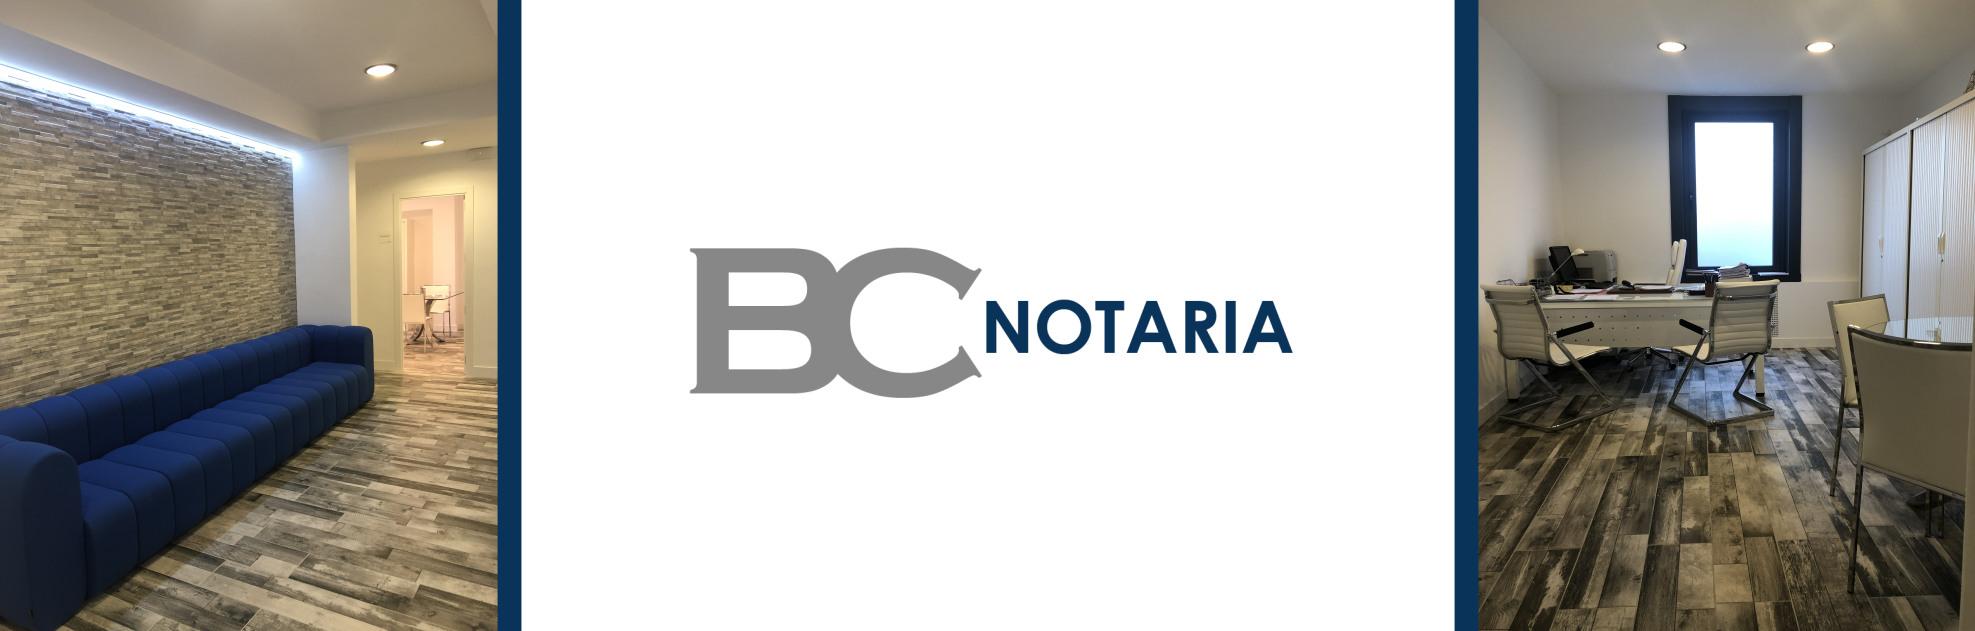 Bc Notaria Up